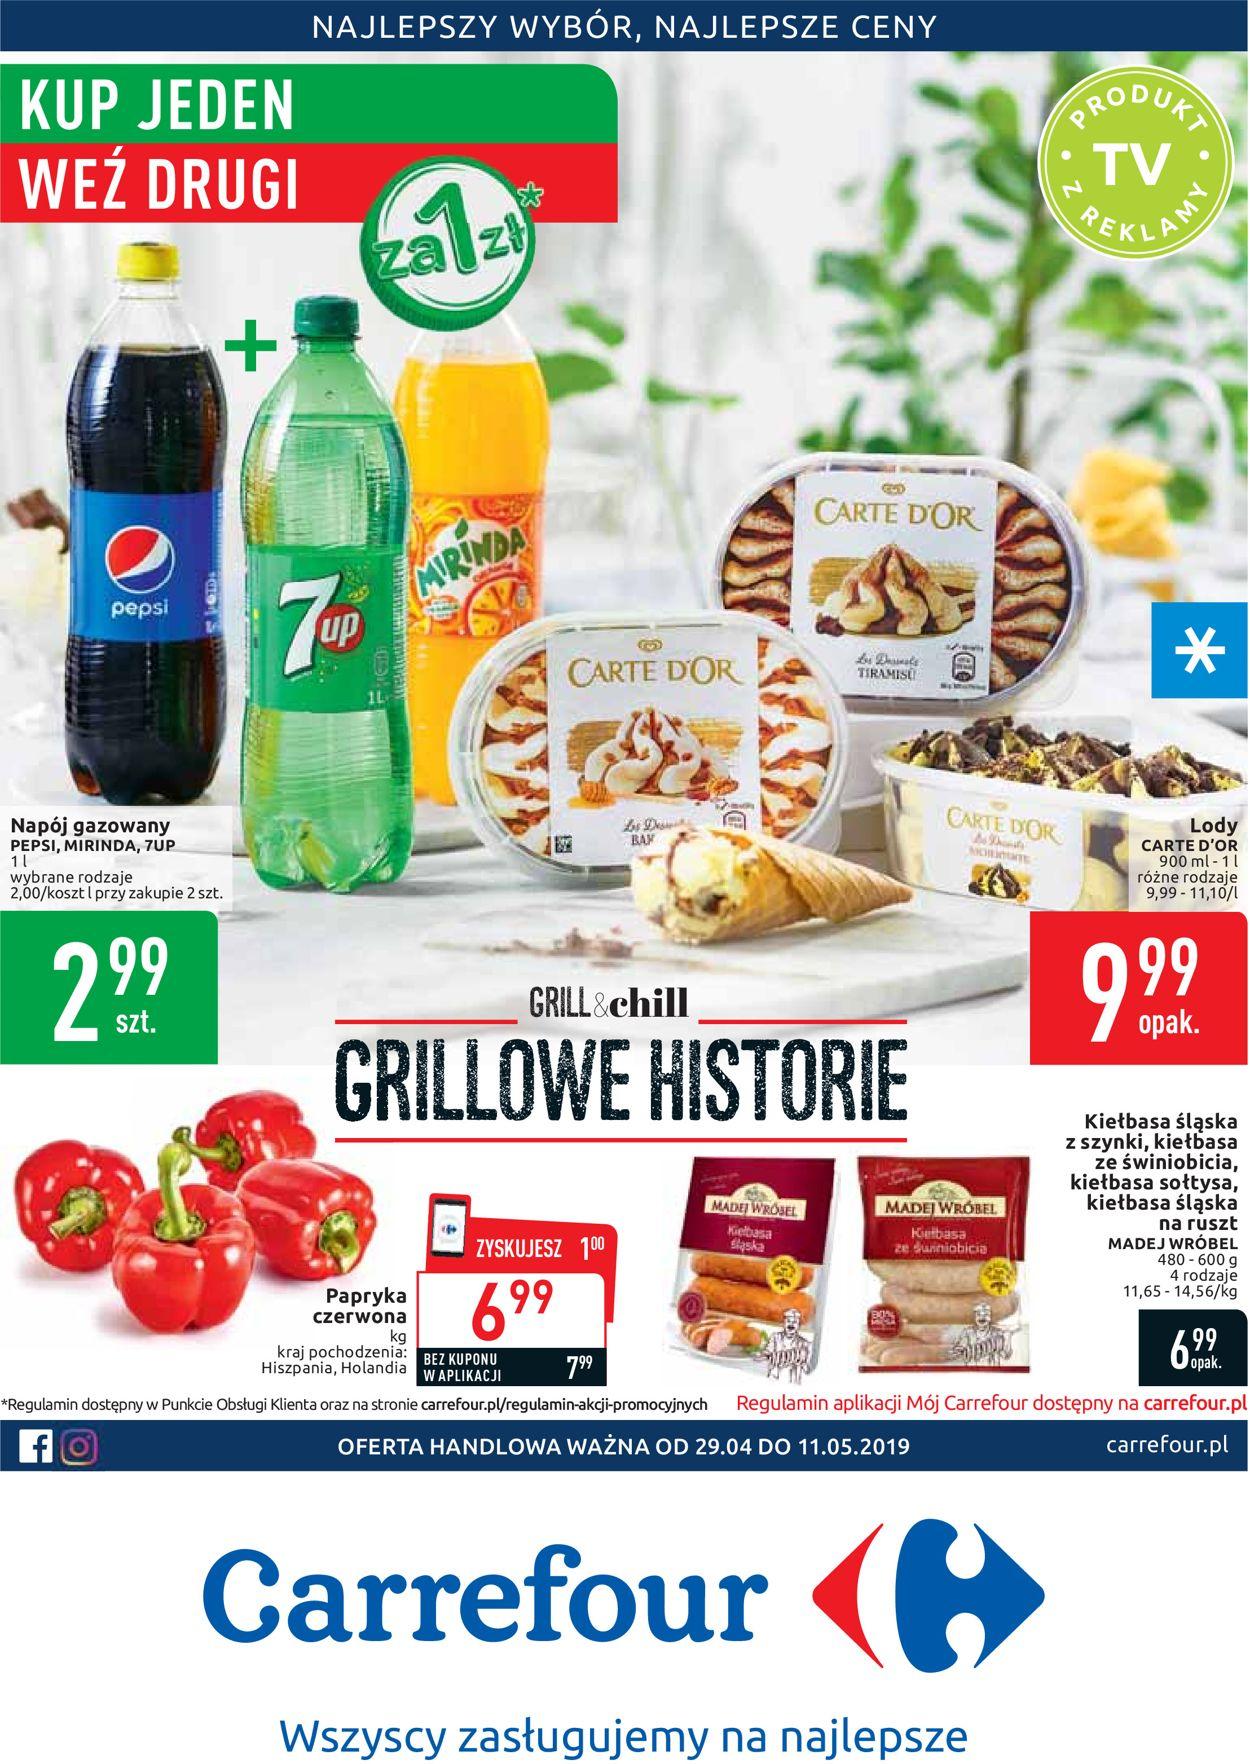 Gazetka promocyjna Carrefour - 29.04-11.05.2019